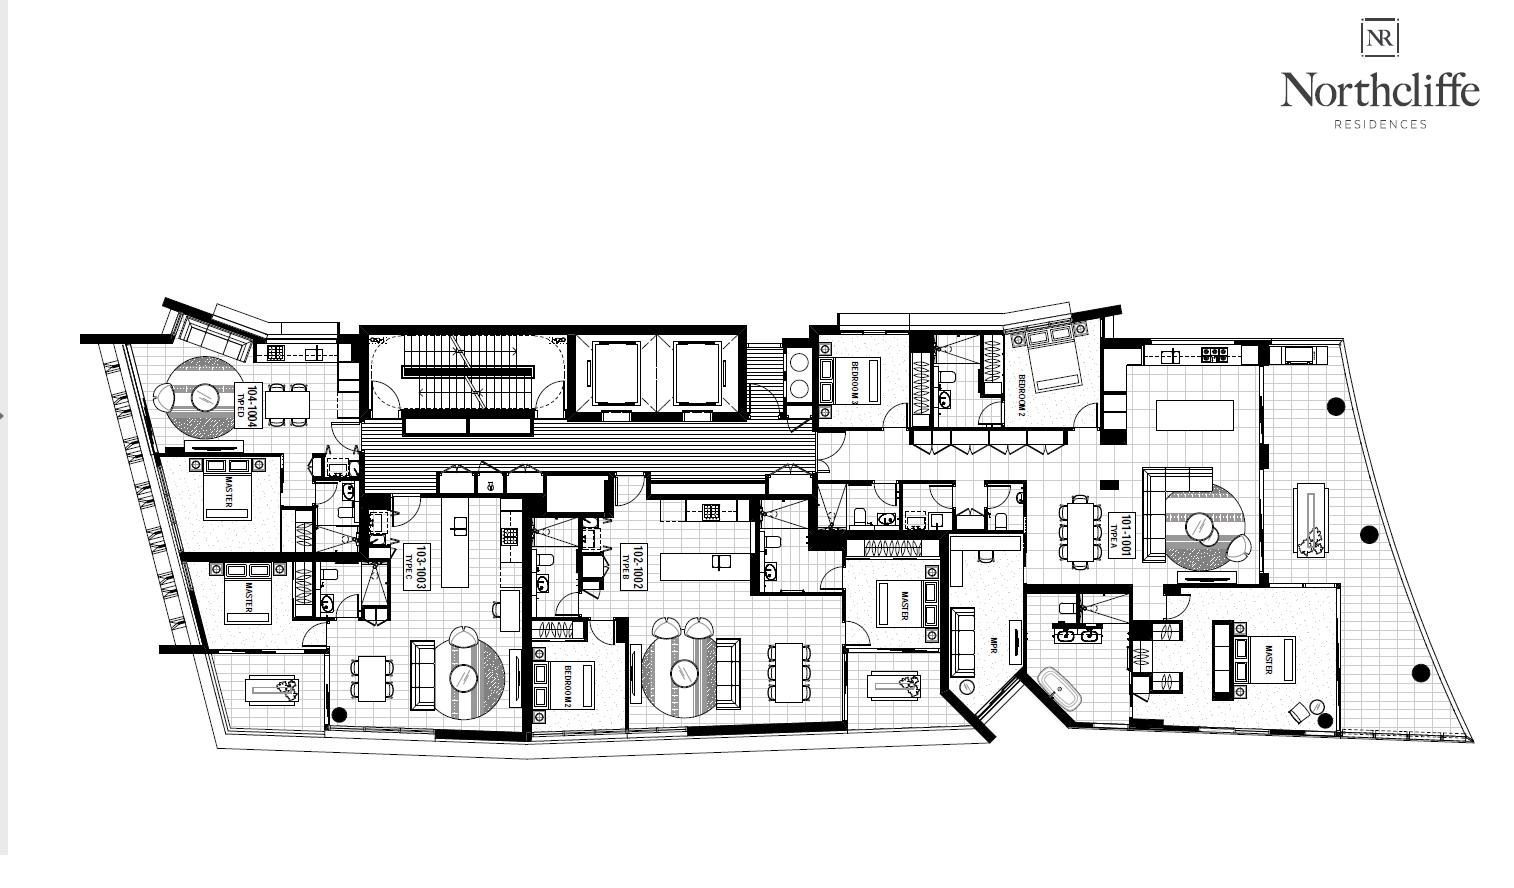 Plan étages 1 à 10